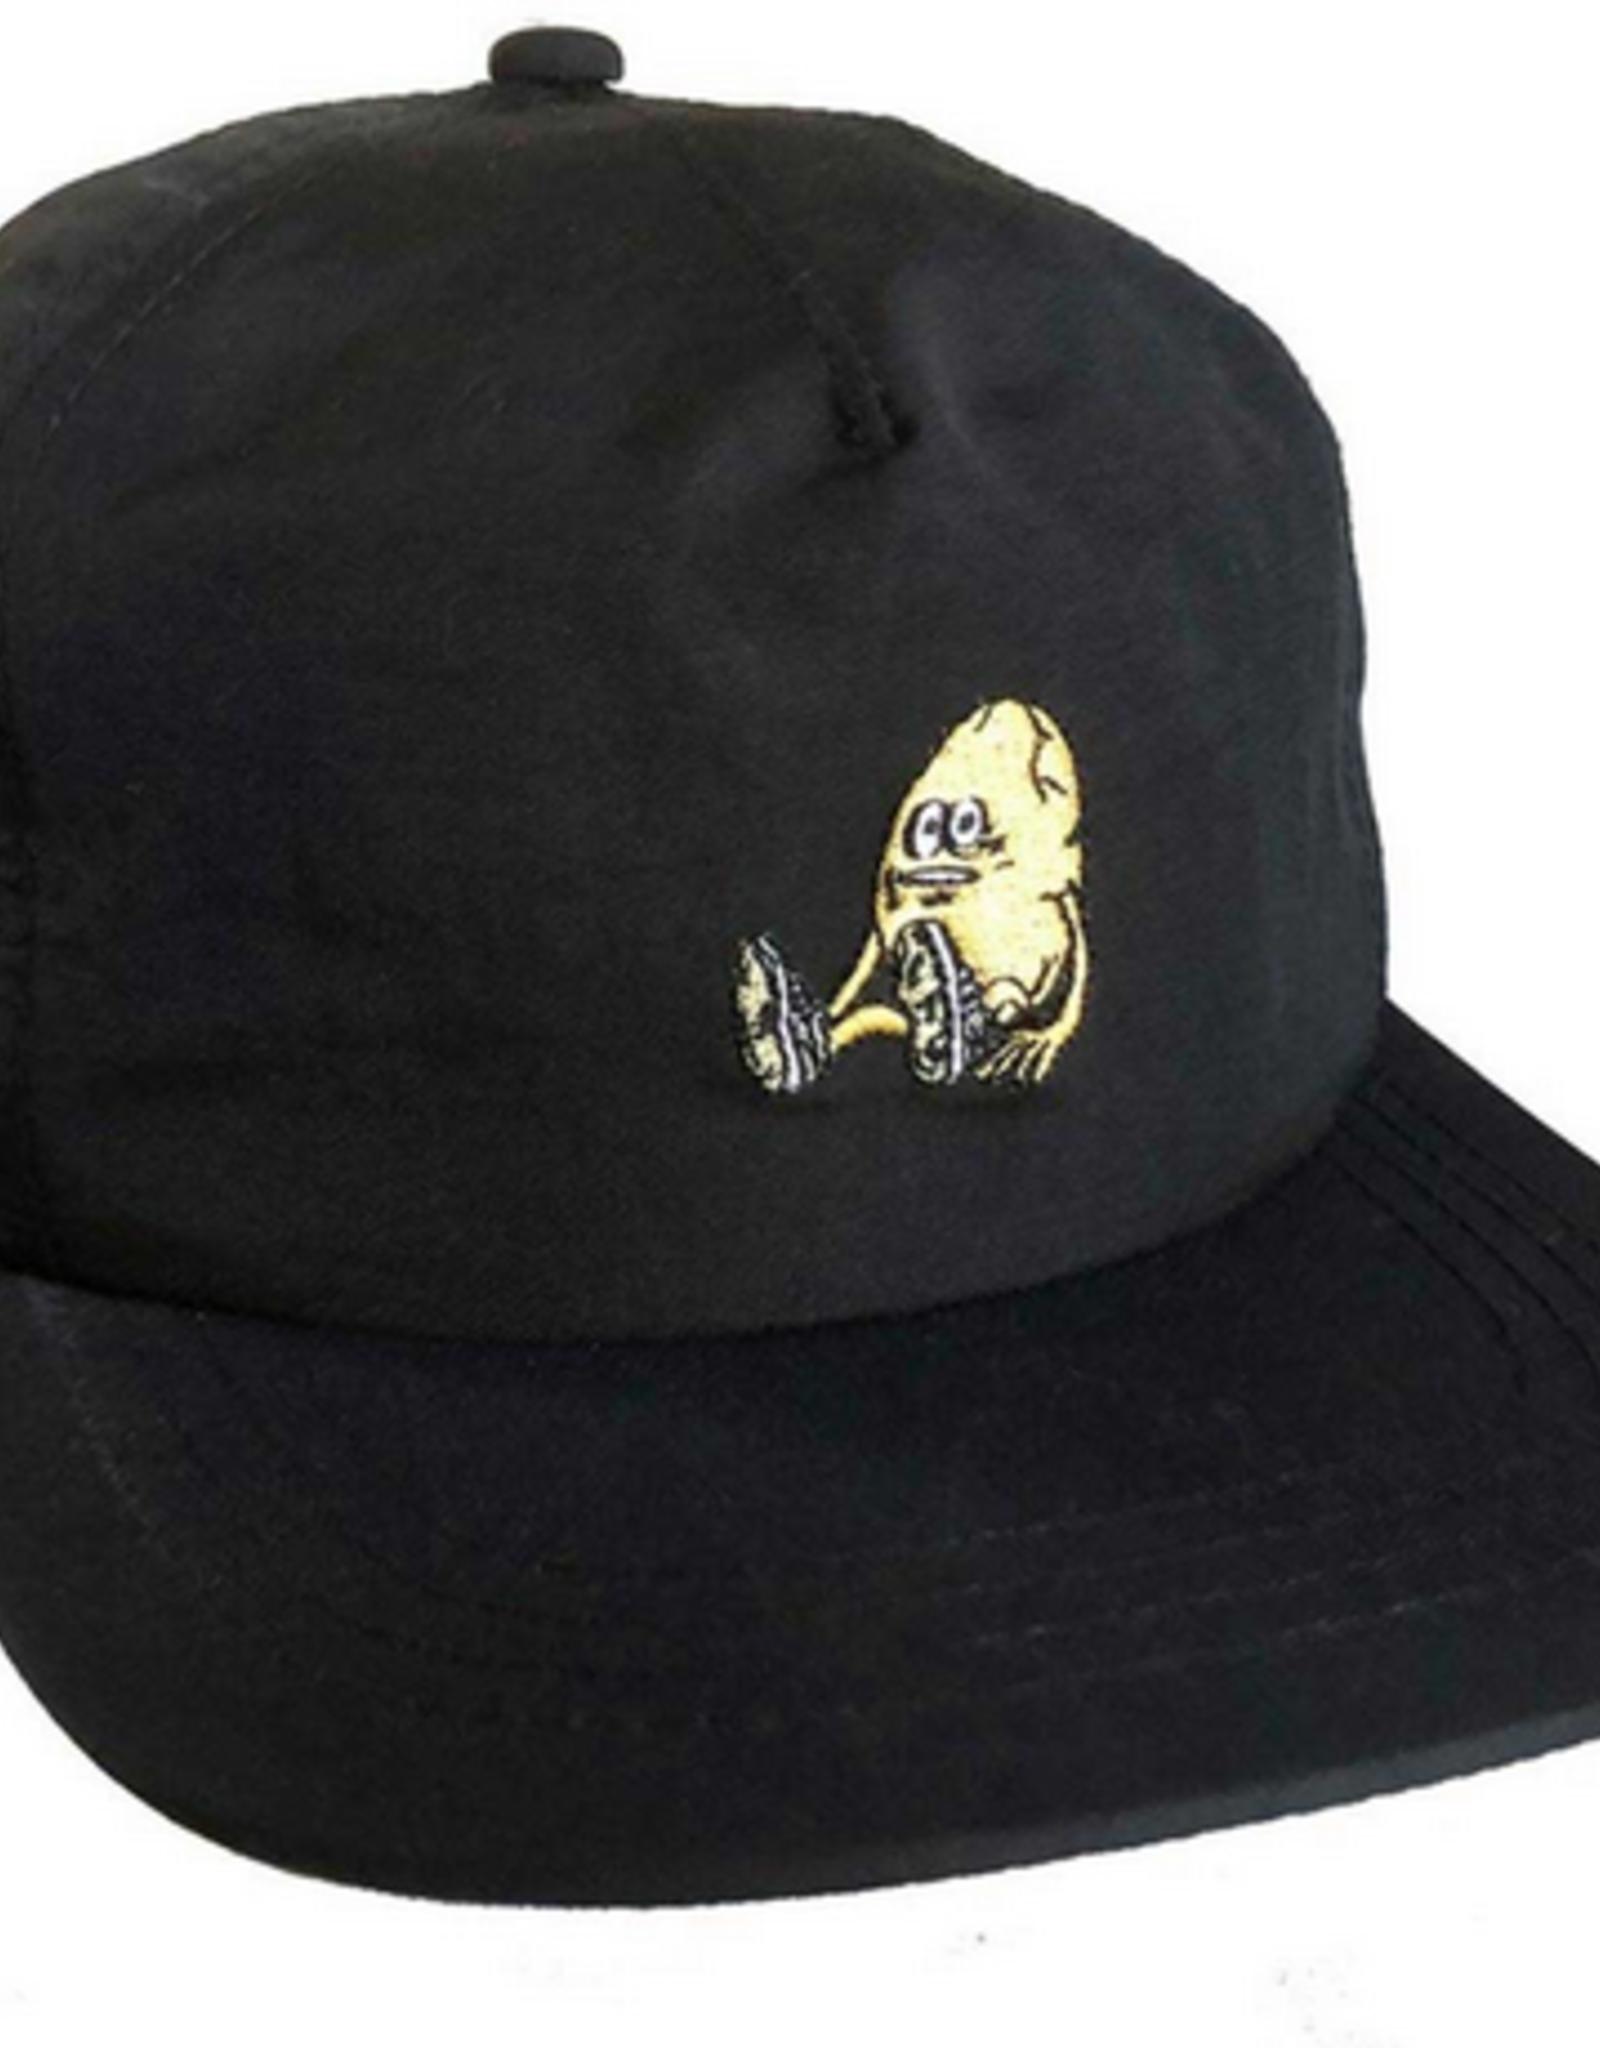 HEROIN HEROIN THE EGG BLACK NYLON SNAPBACK HAT